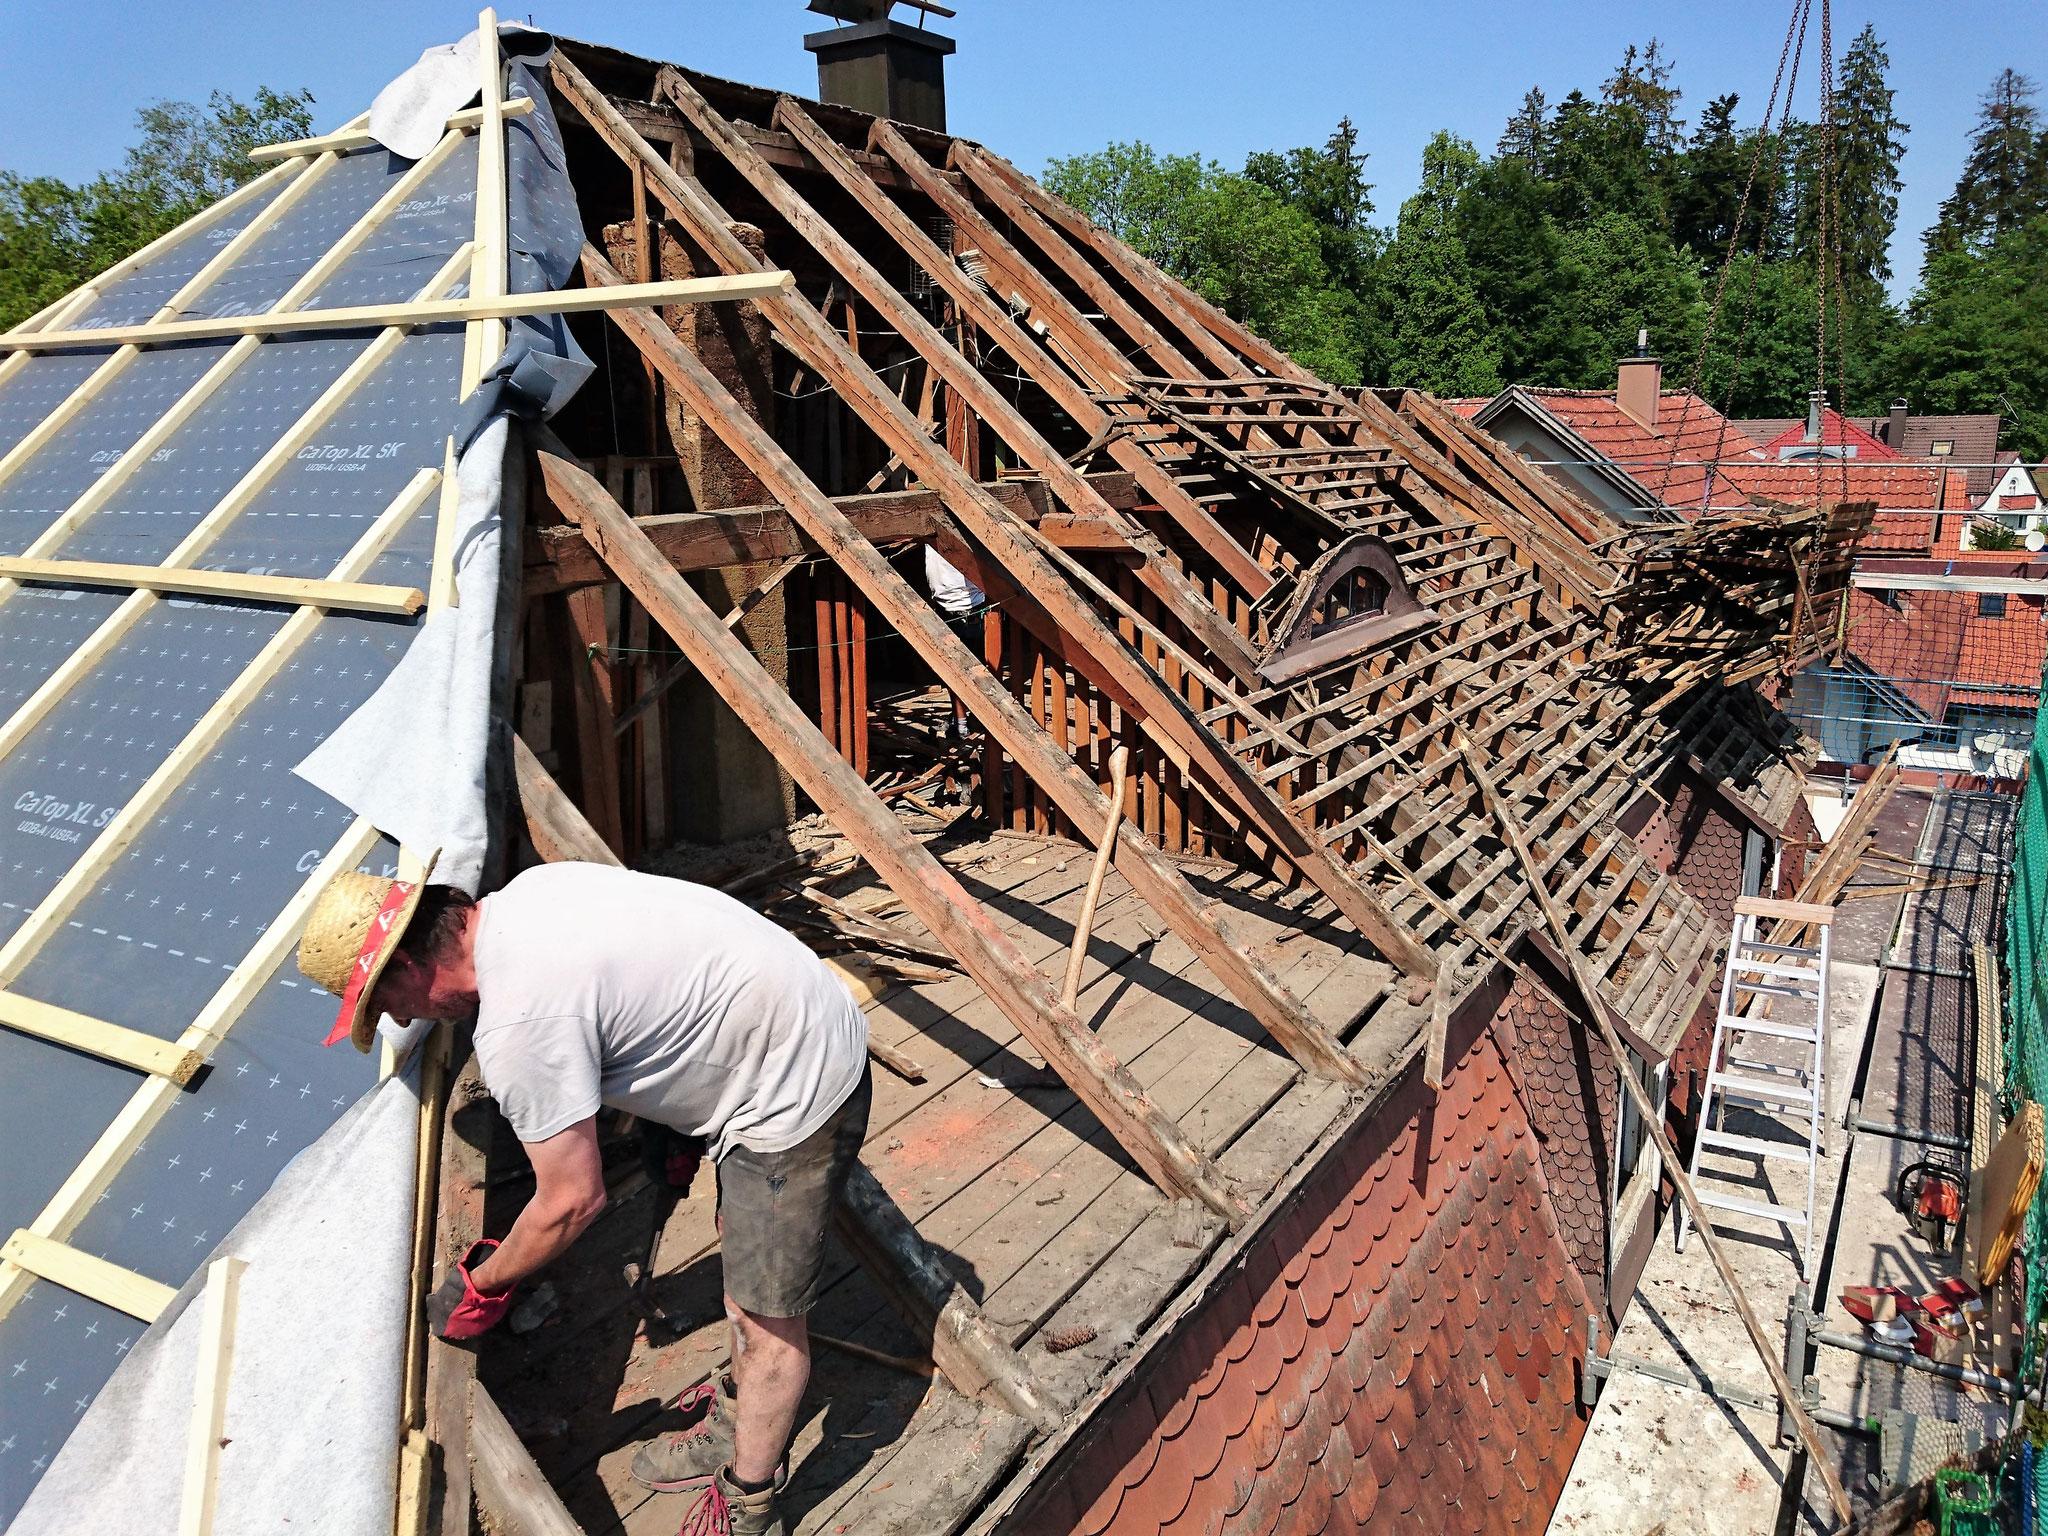 Bauphase, Sanierung Stadthaus in Lindenberg